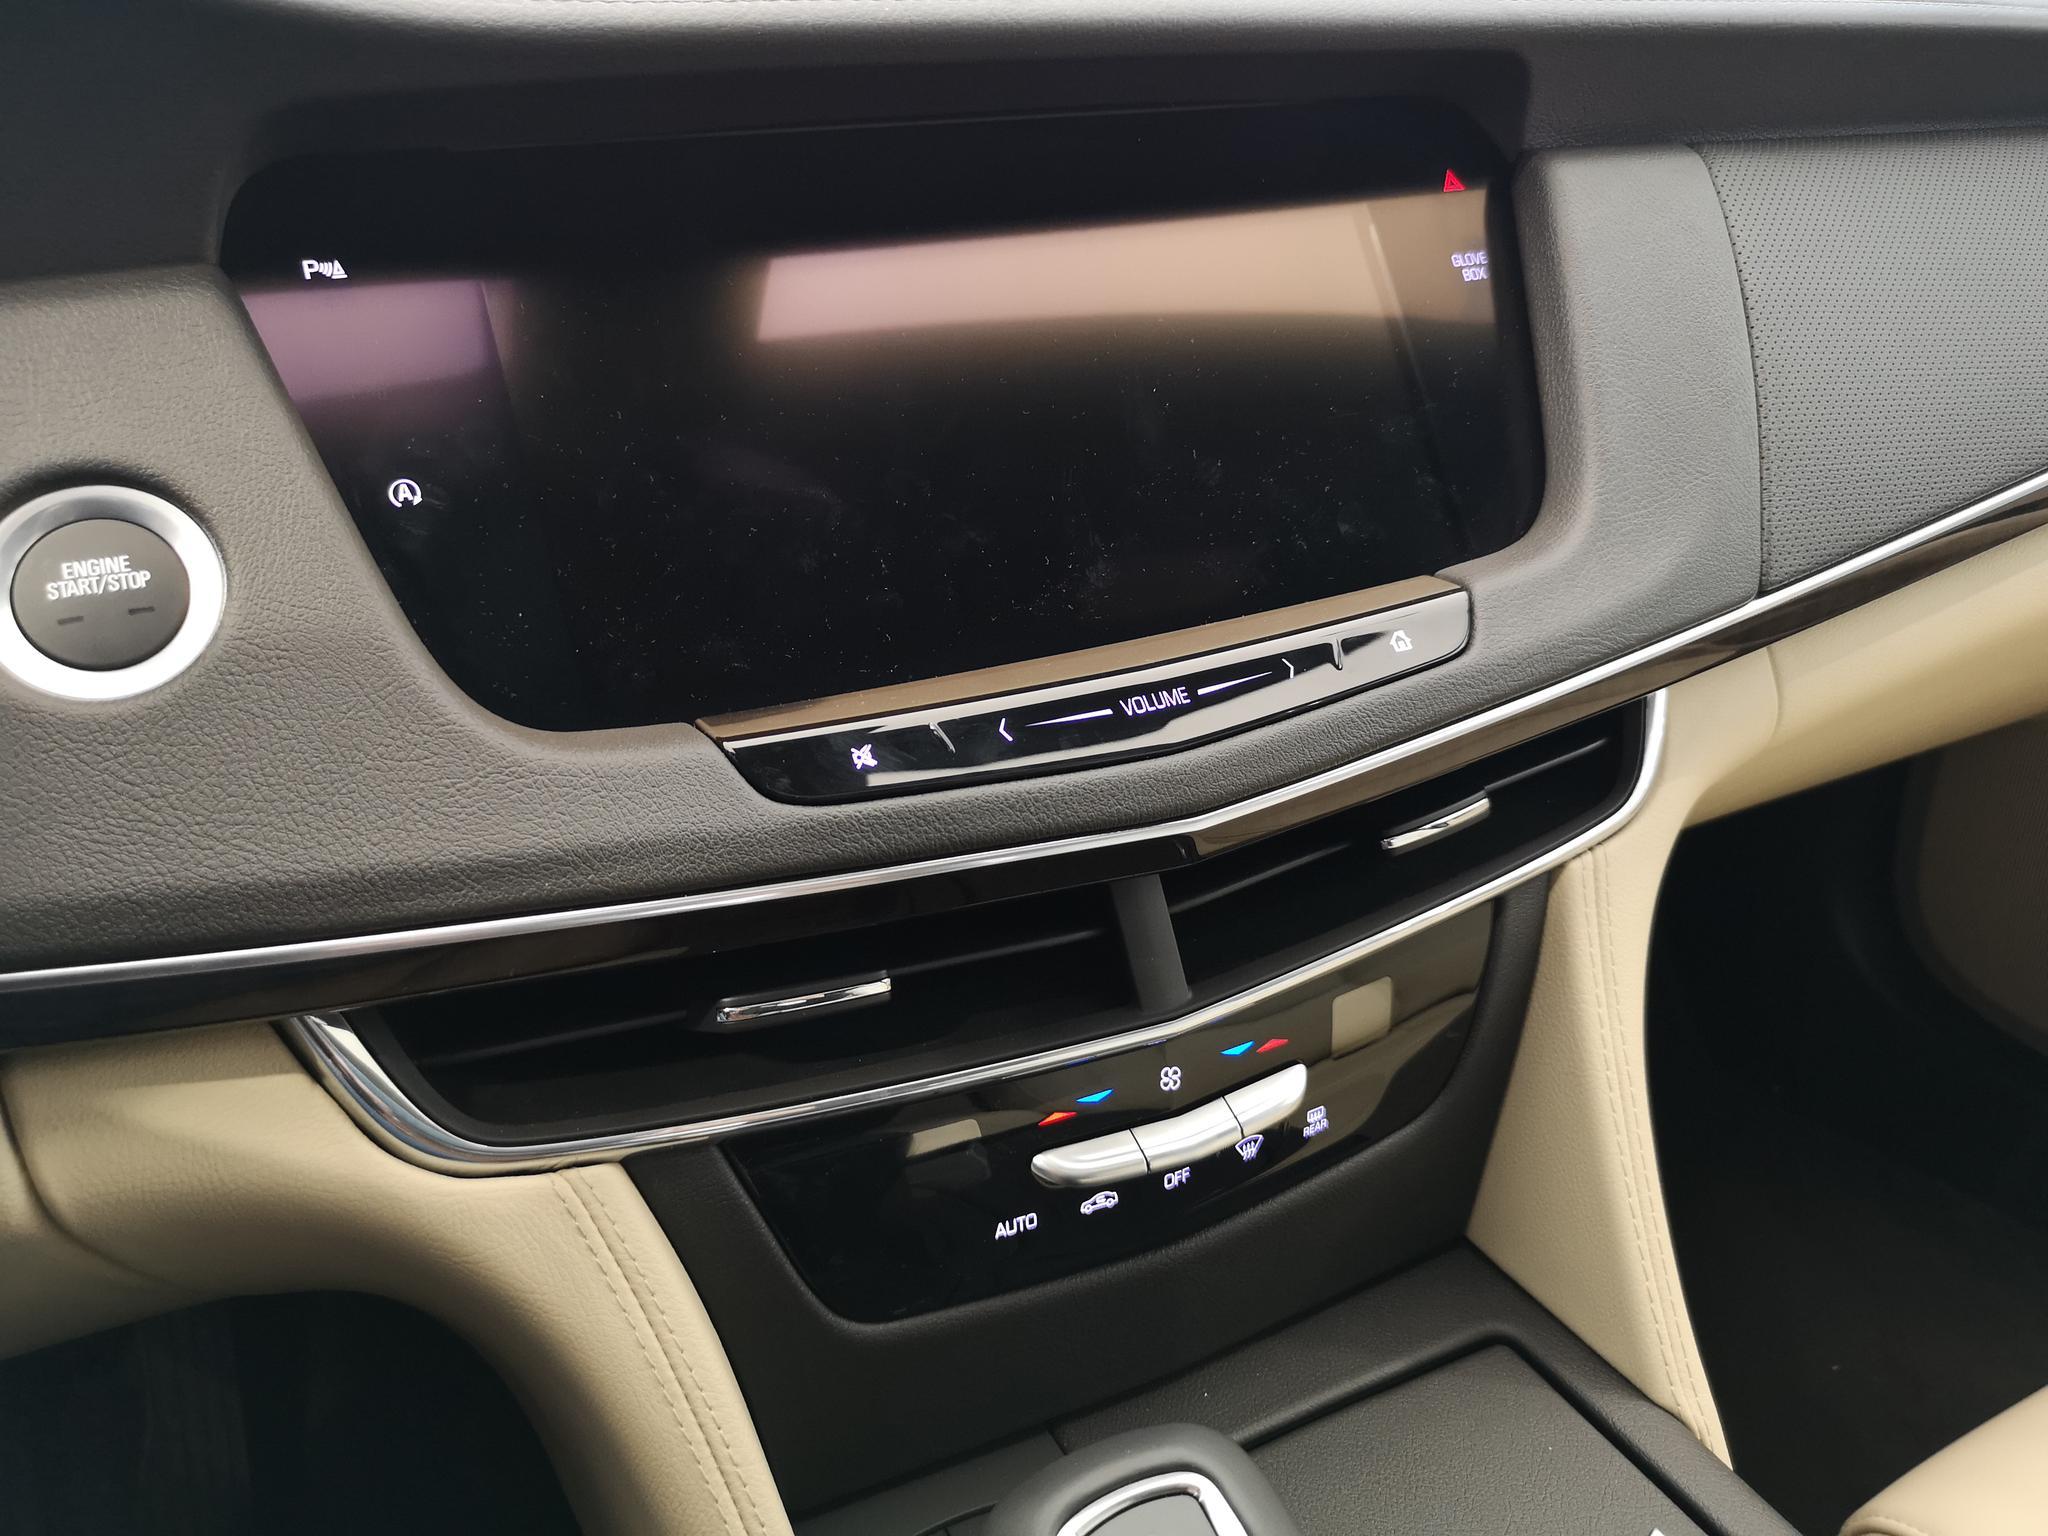 全系匹配10AT变速箱 到店看凯迪拉克2019款CT6 28T时